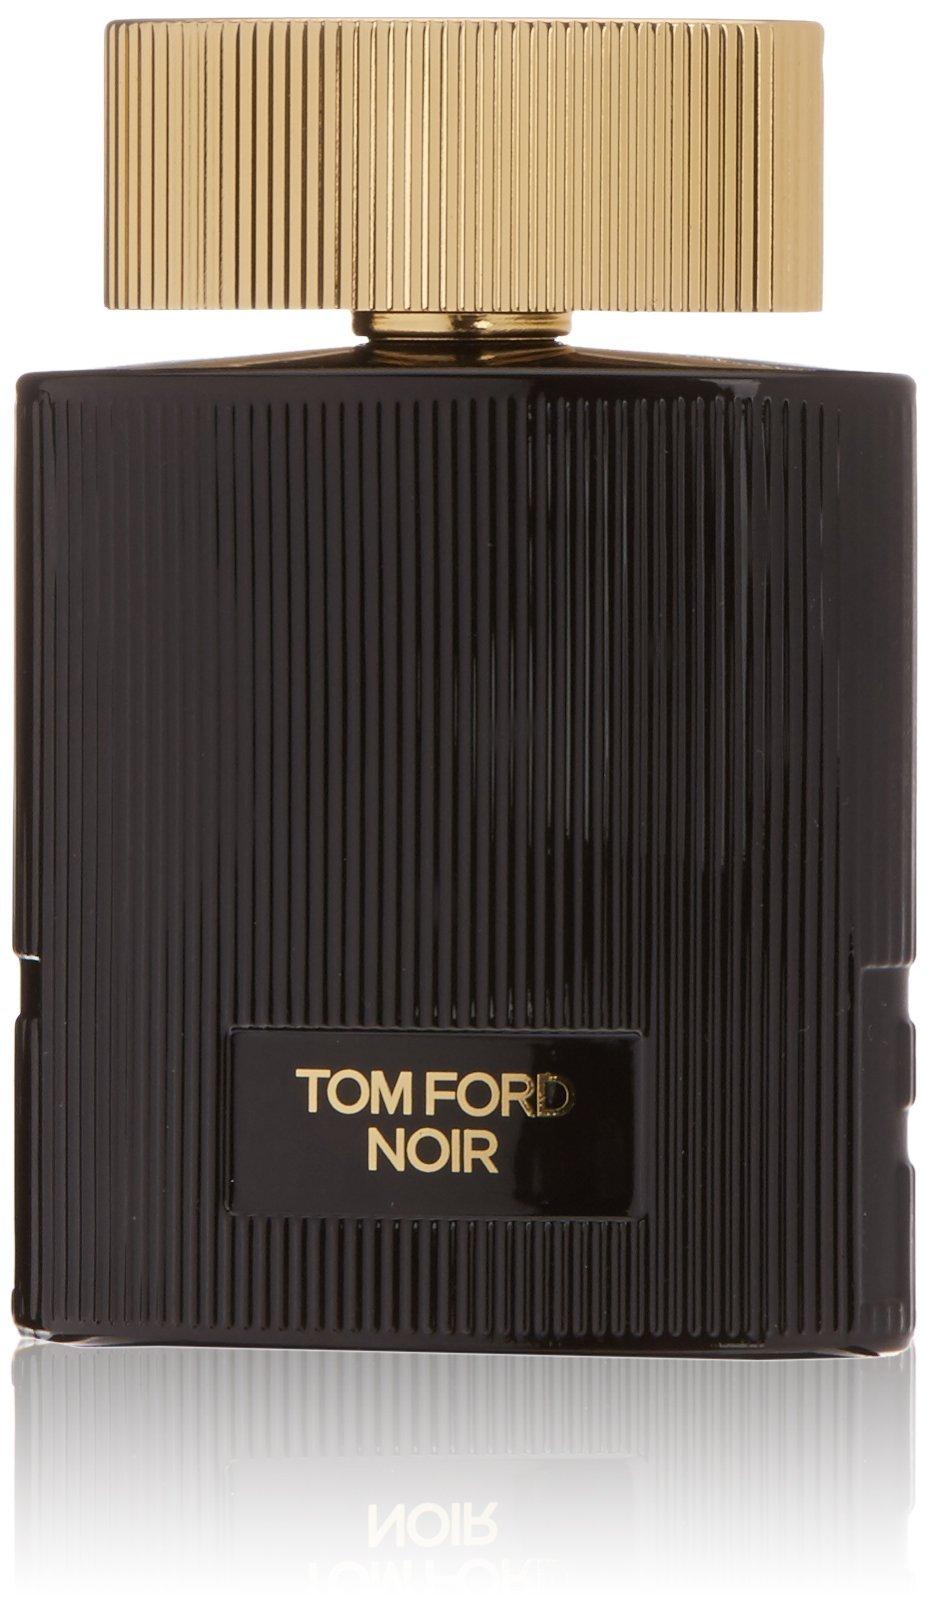 balm s tom ford shave noir nordstrom after